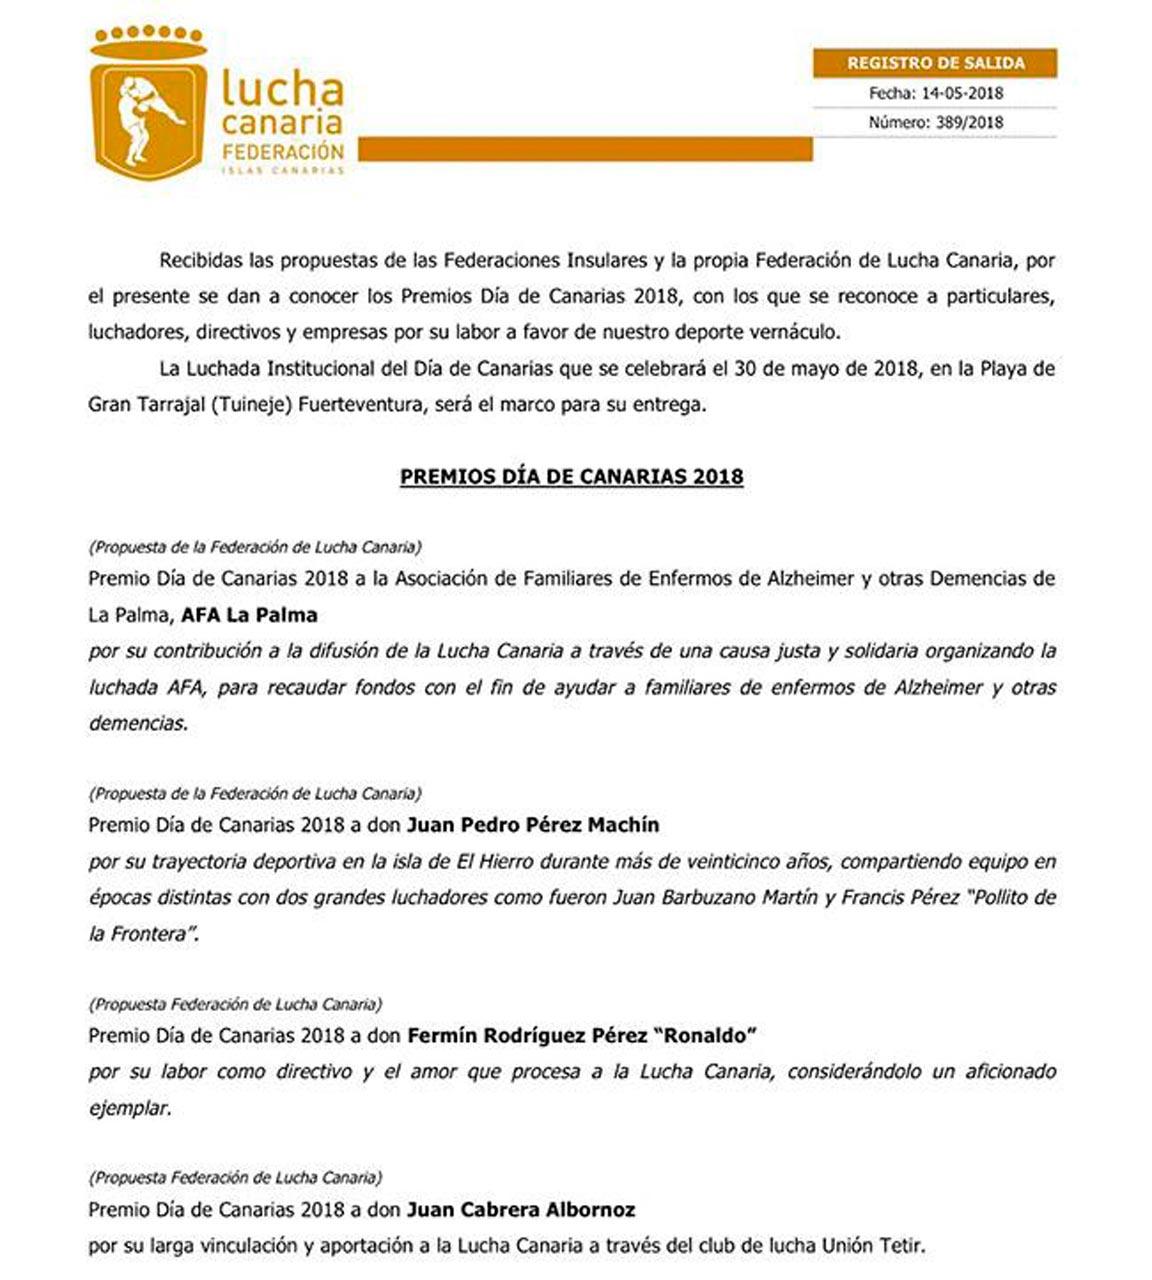 Premios Día de Canarias